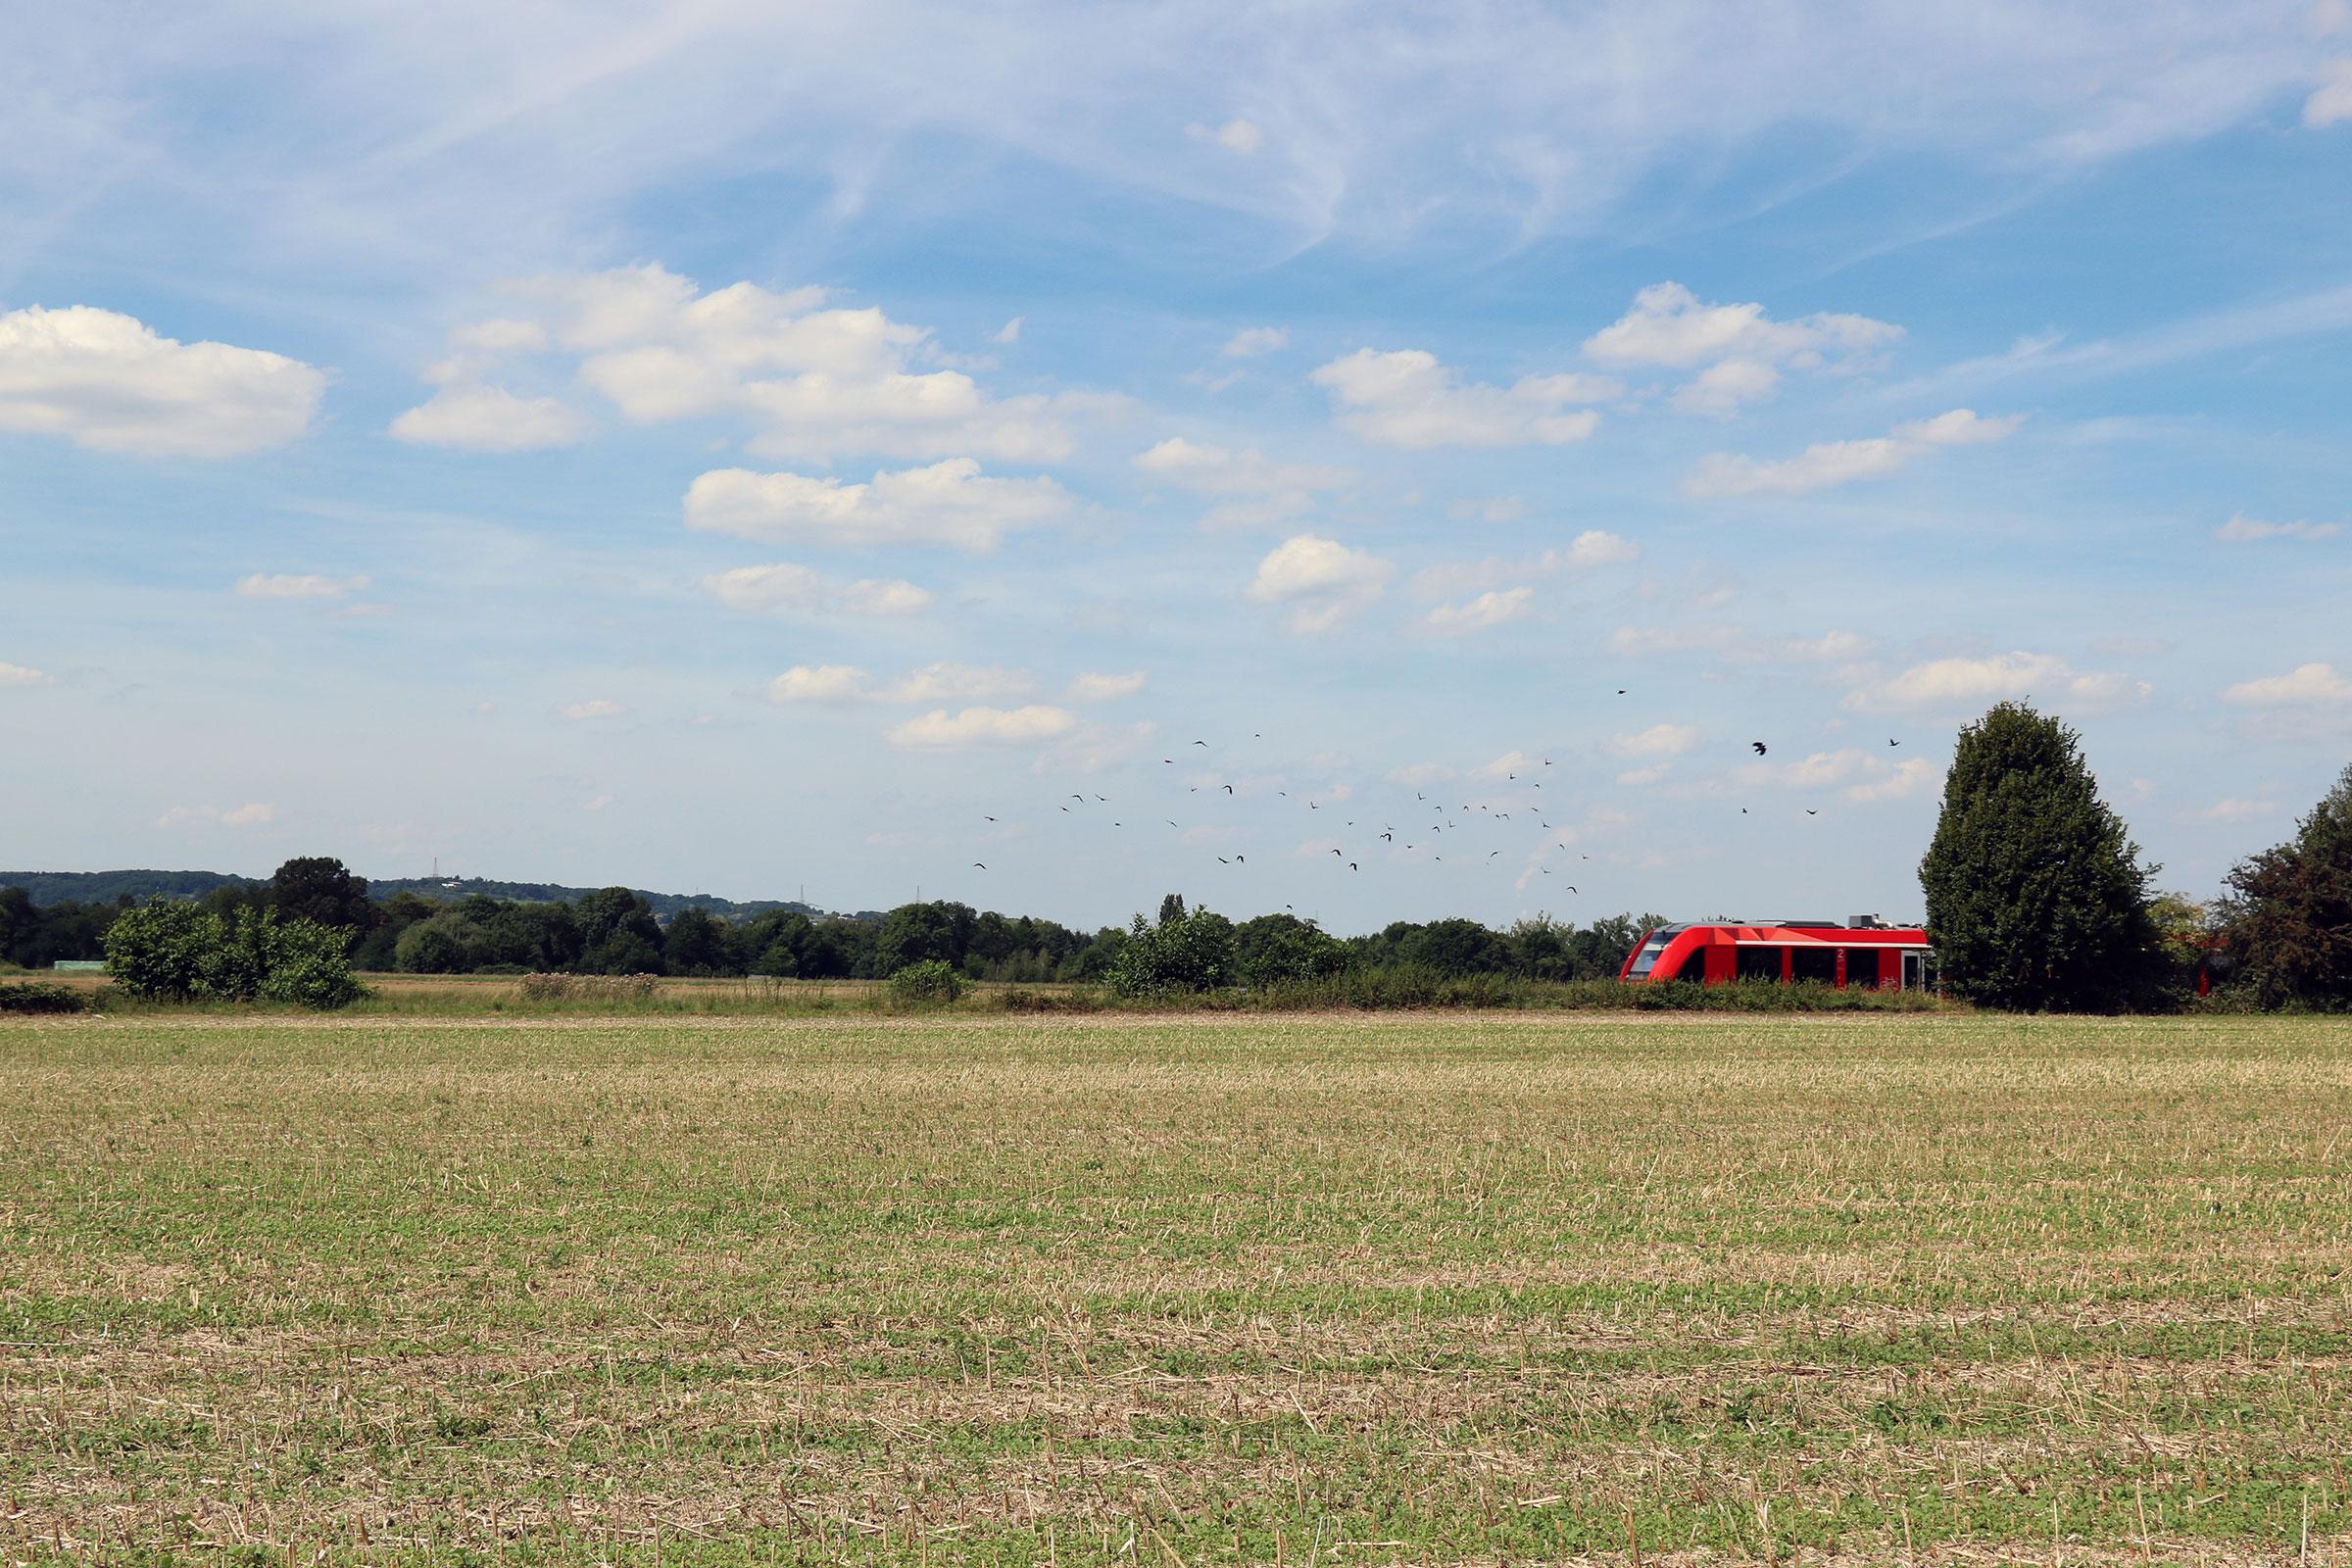 Ein roter Zug fährt von rechts durch ein Feld, schreckt einige Vögel auf.